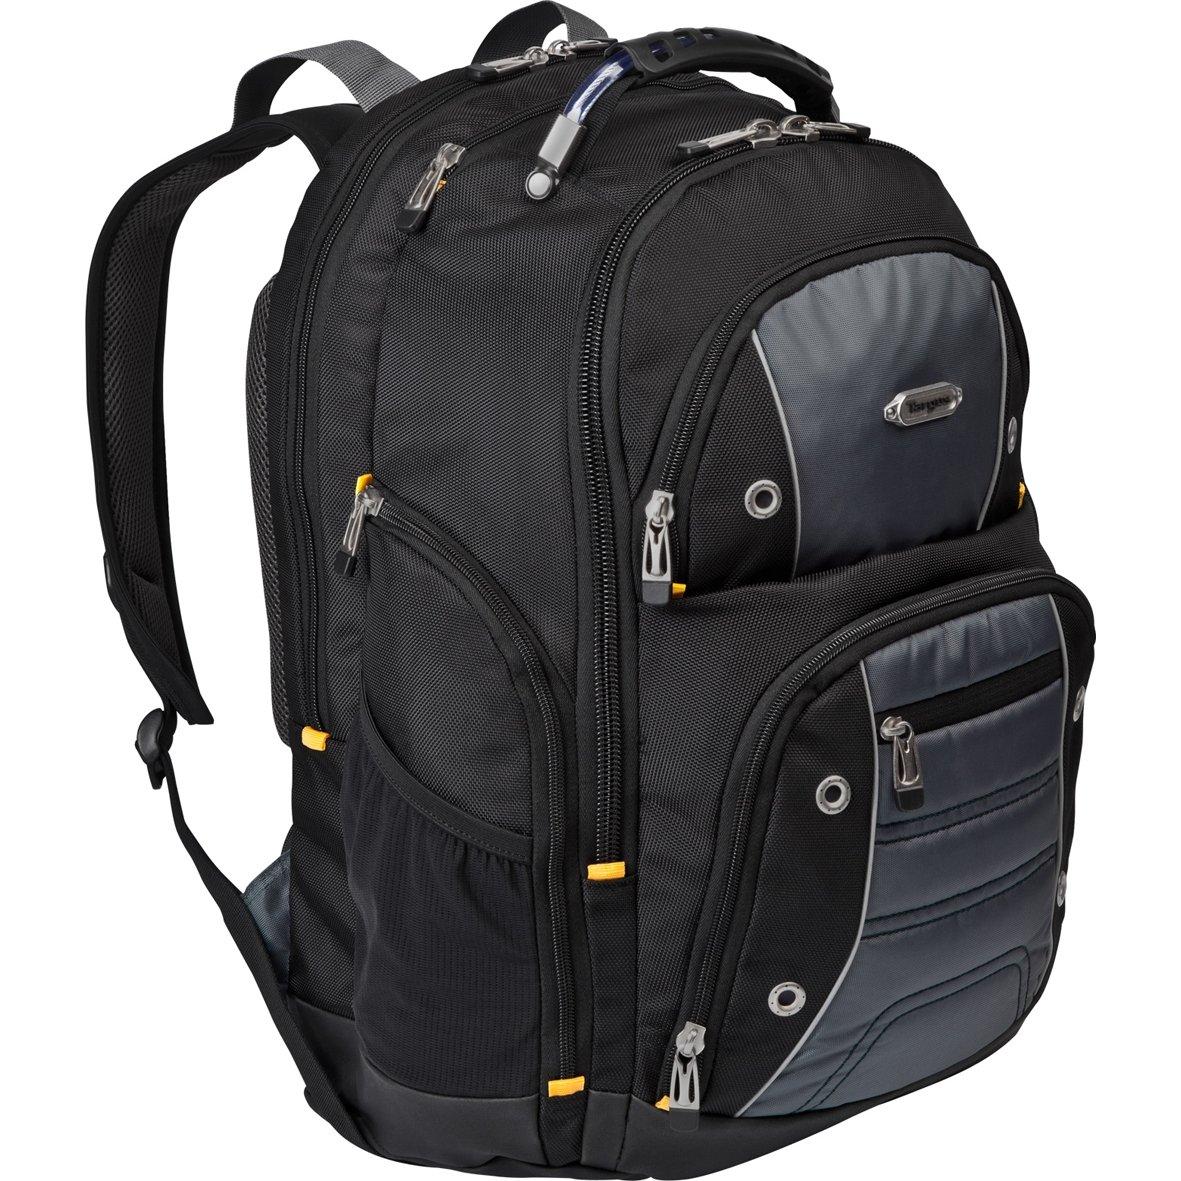 Купить рюкзак для ноутбука beside-u.co.uk рюкзак игрушка обезьяна